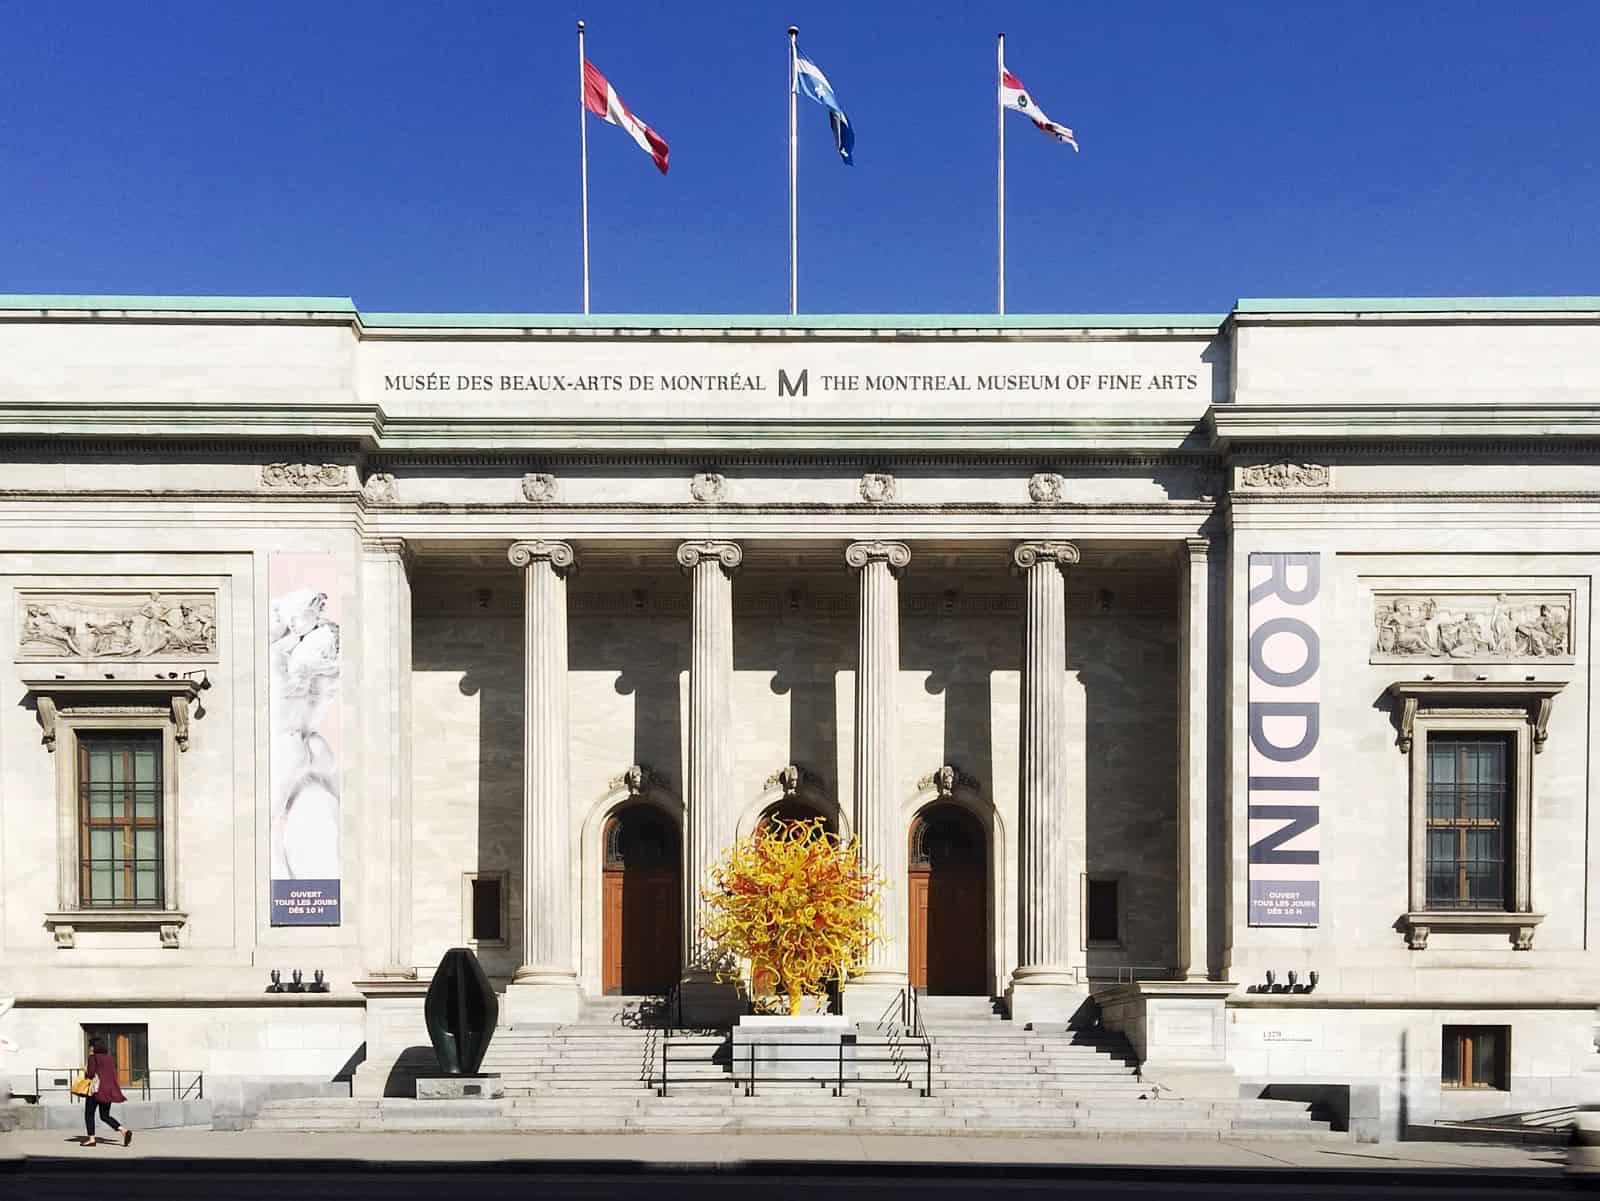 Musée des beaux-arts de Montréal/The Montreal Museum of Fine Arts. Foto Alice Gao